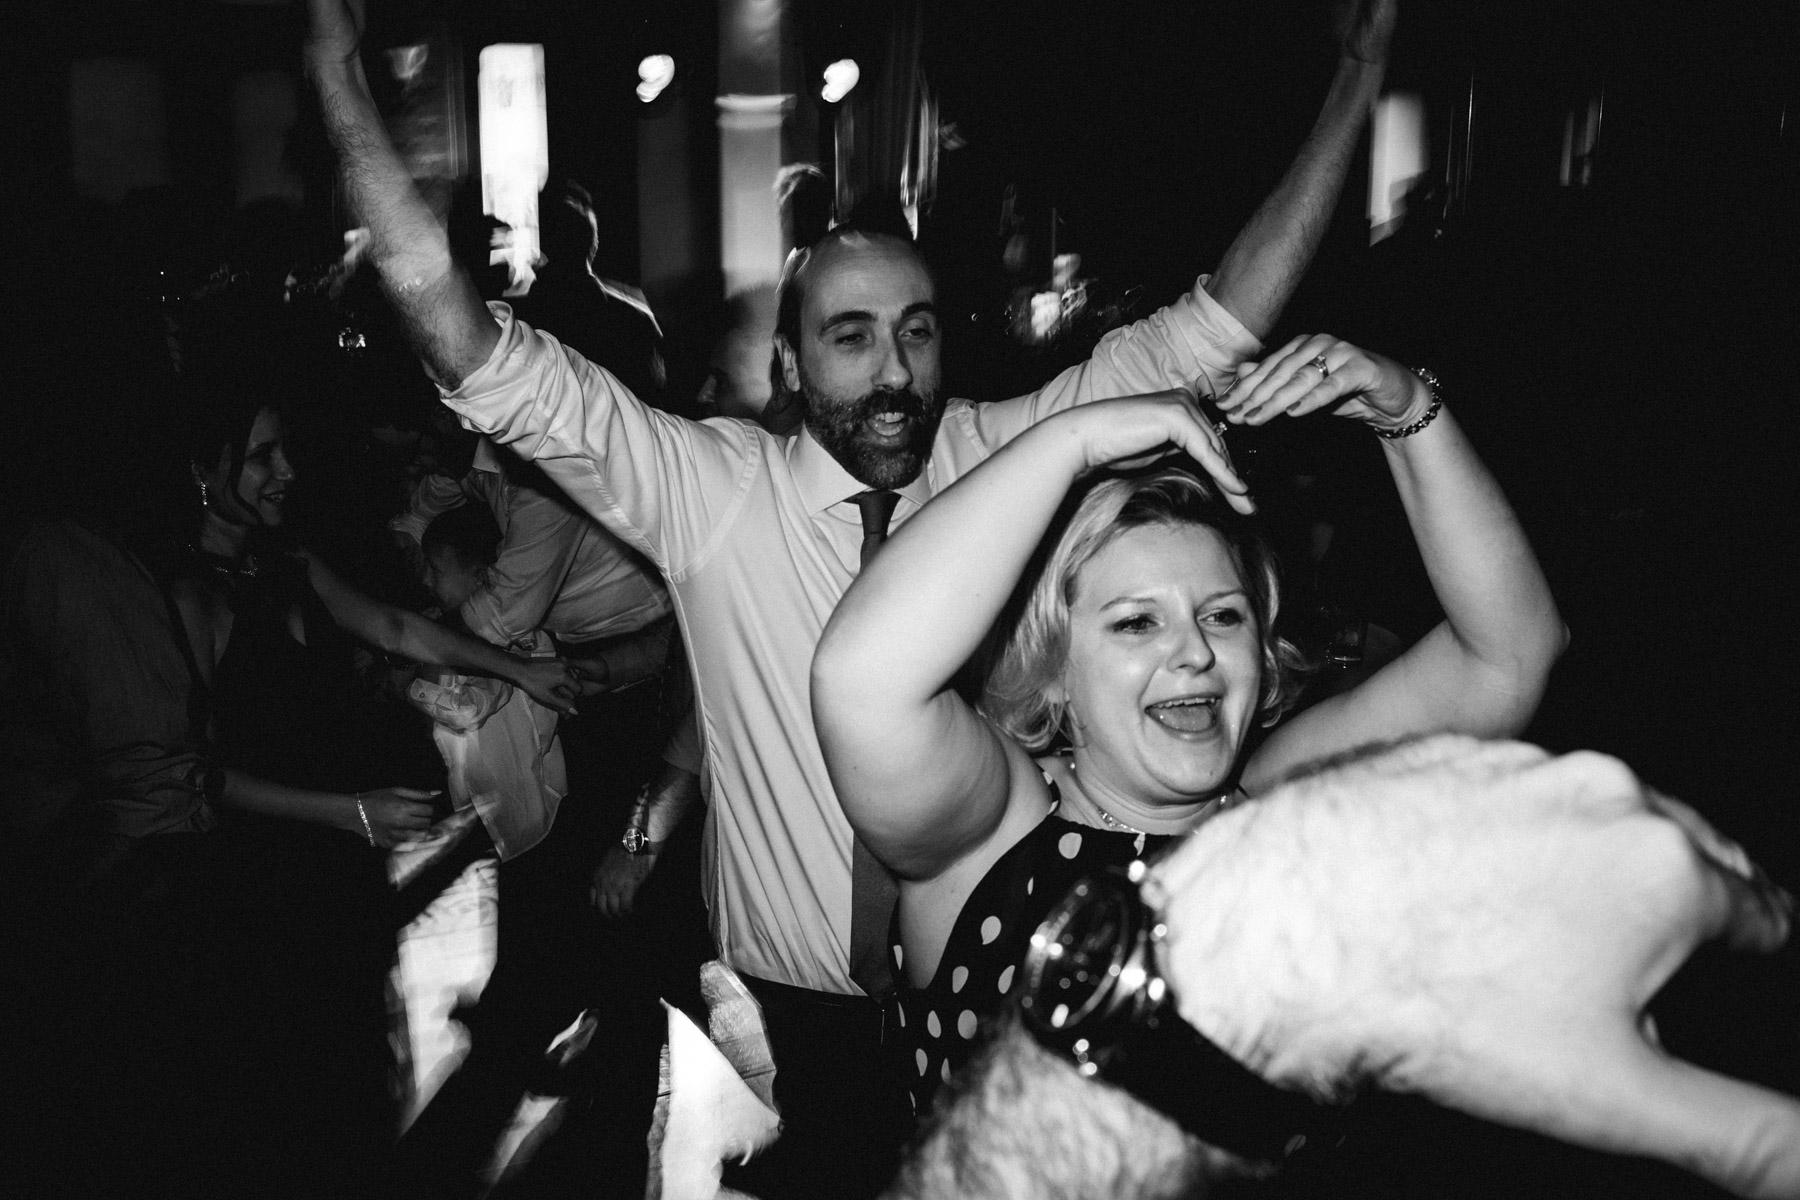 MartinLiebl_Kein_Hochzeitsfotograf_No_Wedding_Photographer_Budapest_Gresham_Palace_088.jpg